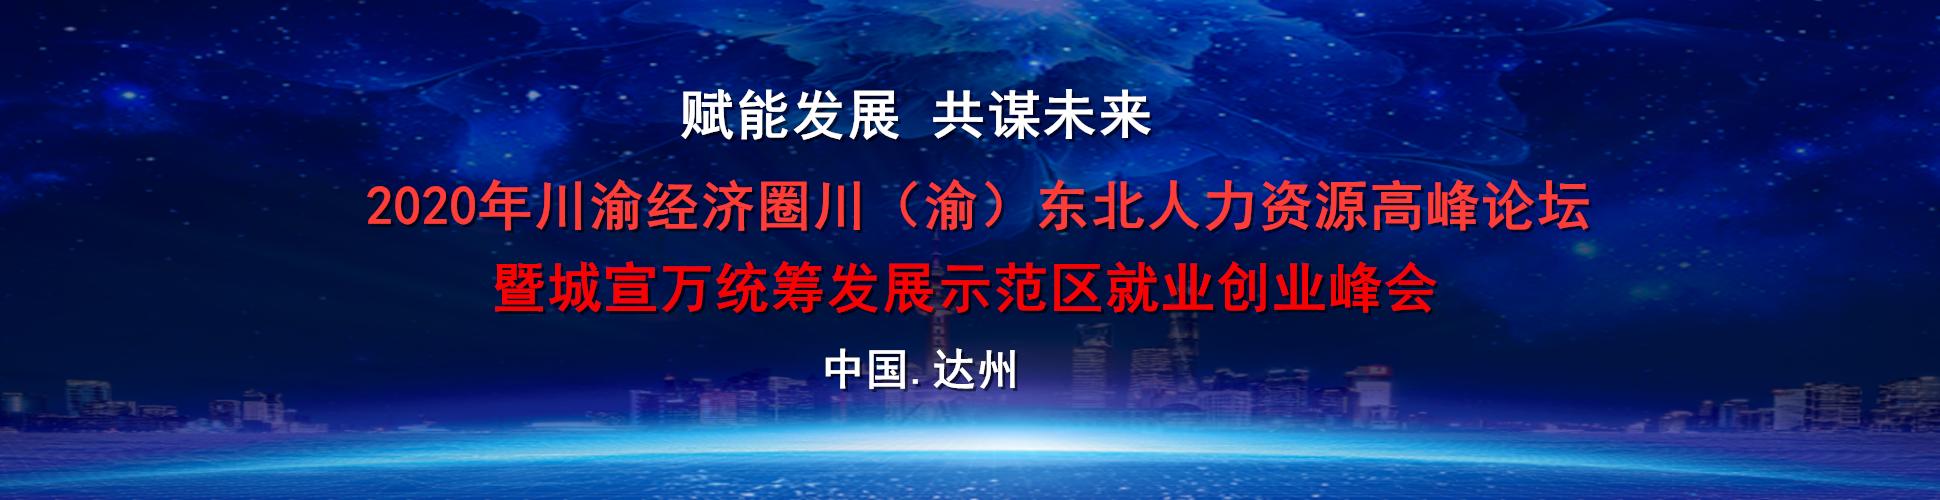 2020年川渝经济圈川(渝)东北人力资源高峰论坛暨城宣渝统筹发展示范区就业创业峰会